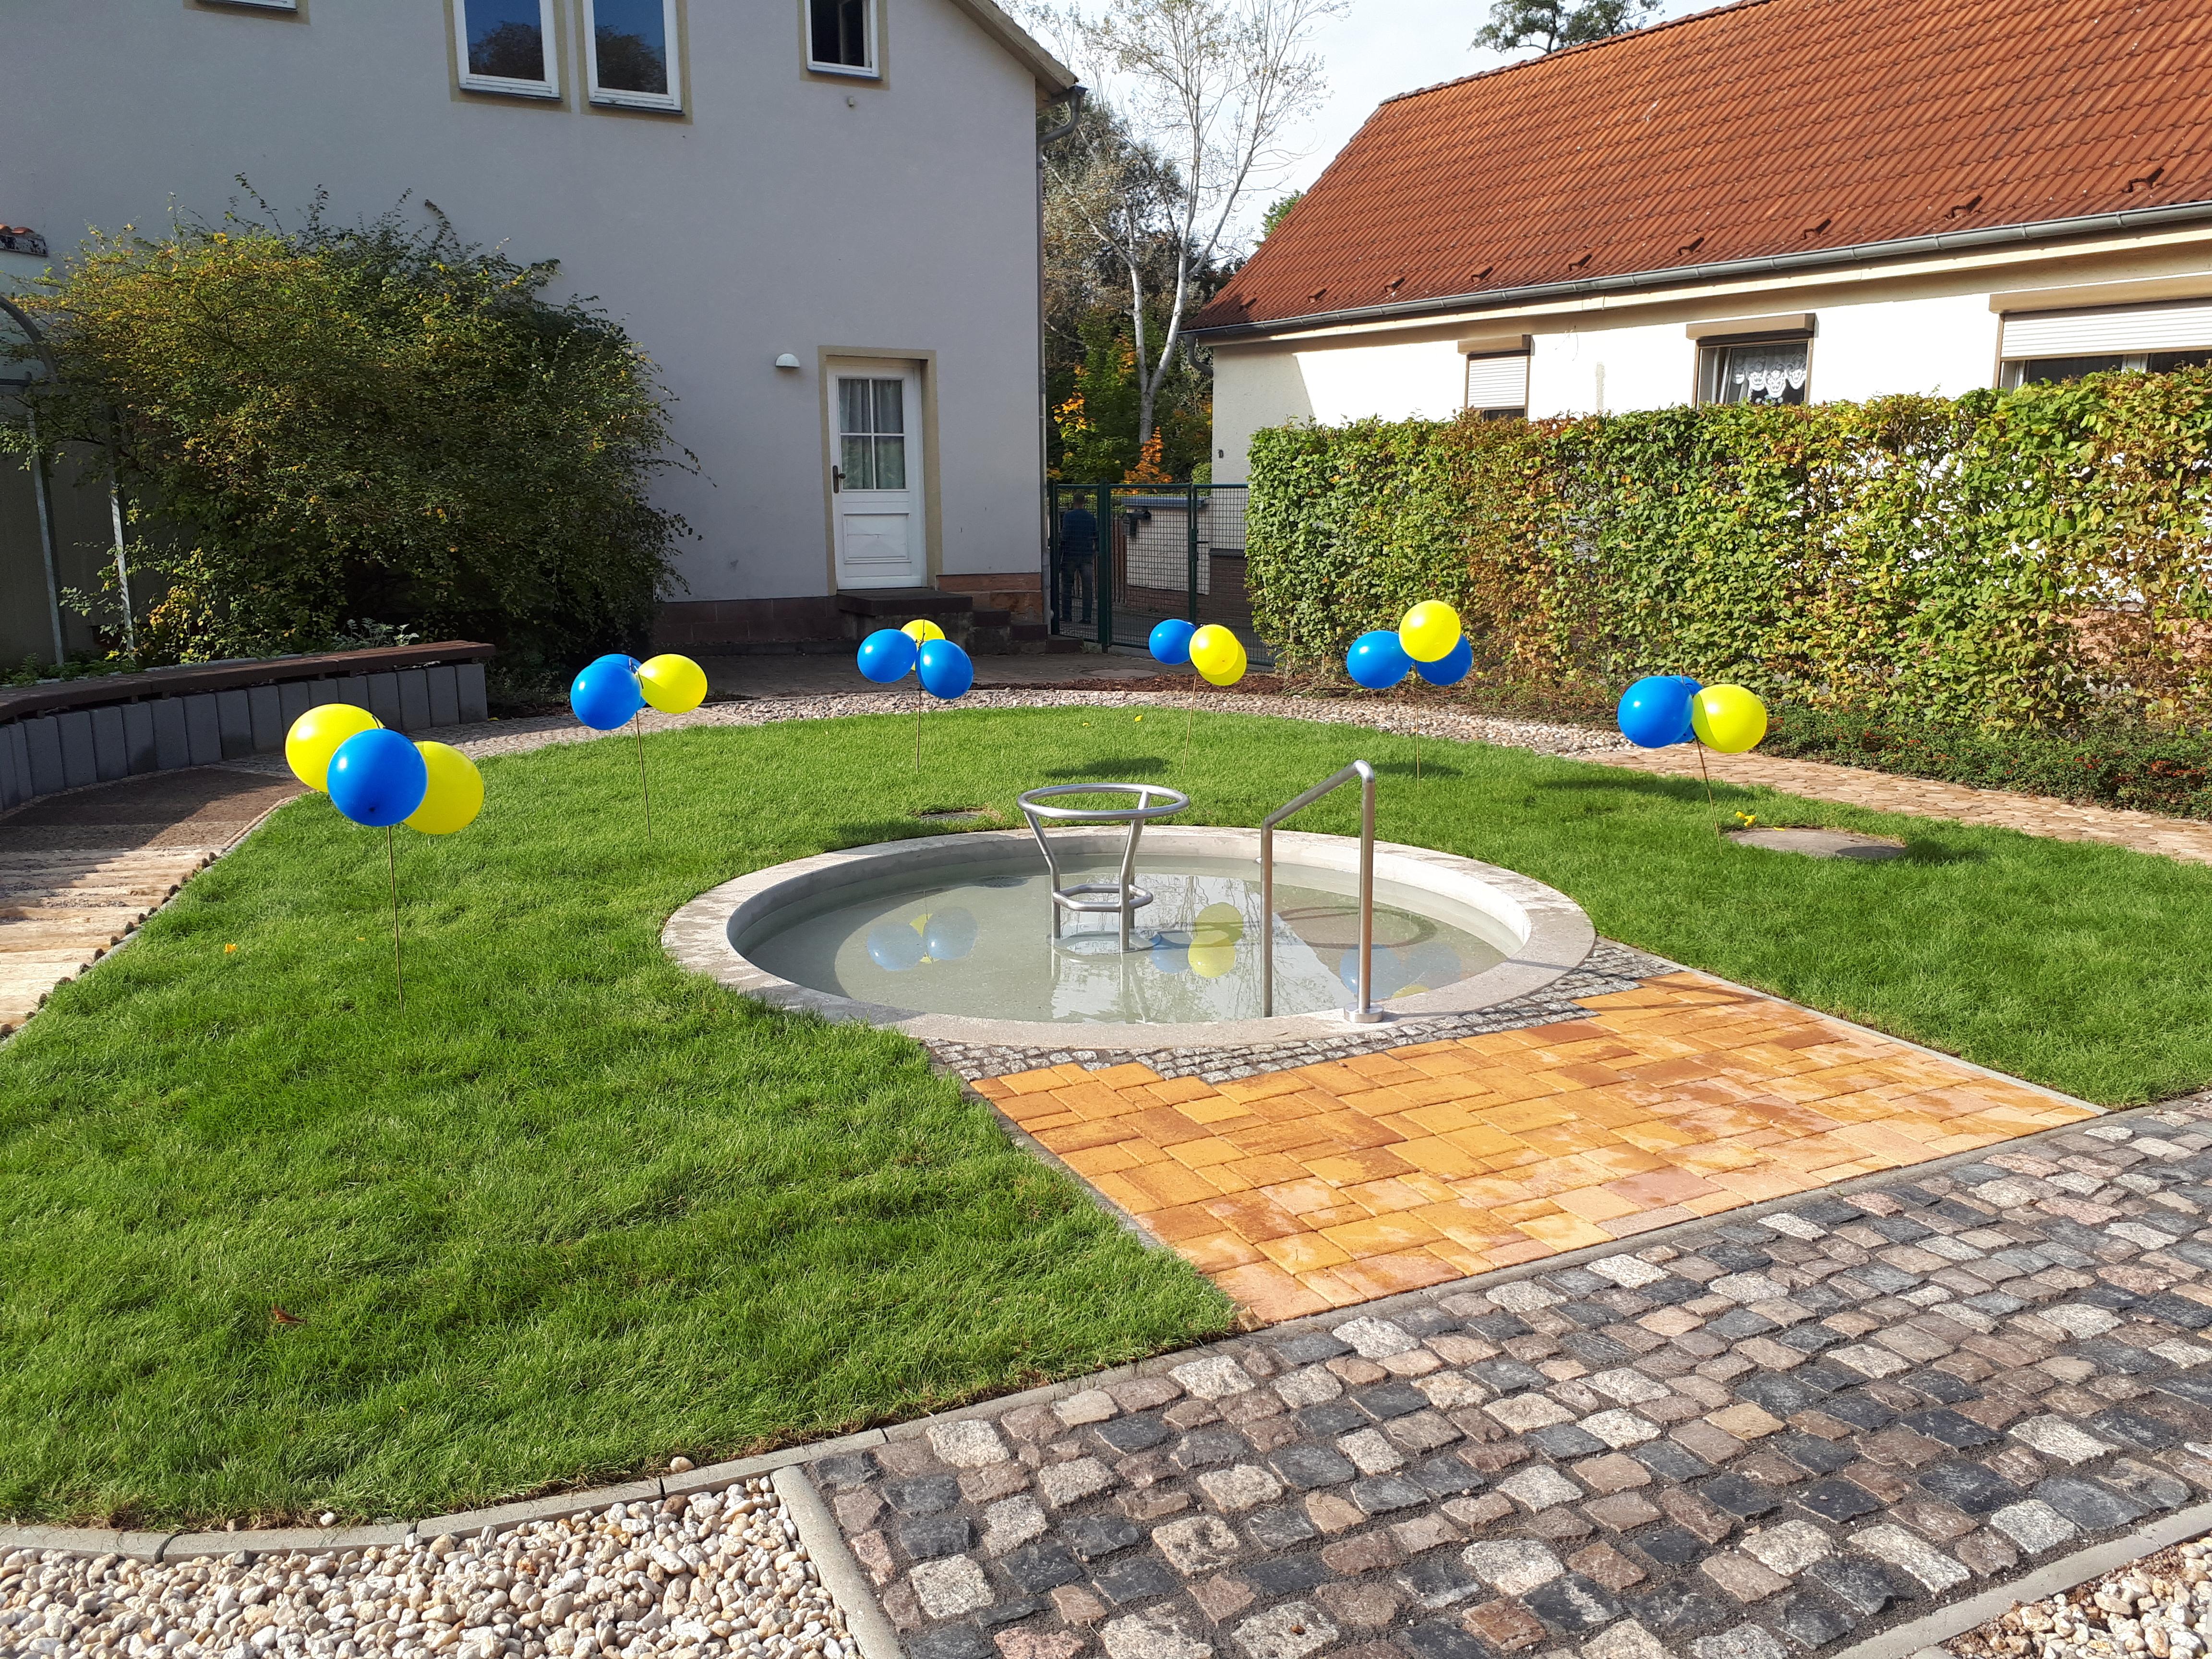 Kinderkneippbecken Bad Berka (RAG Weimarer Land - Mittelthüringen e.V.)